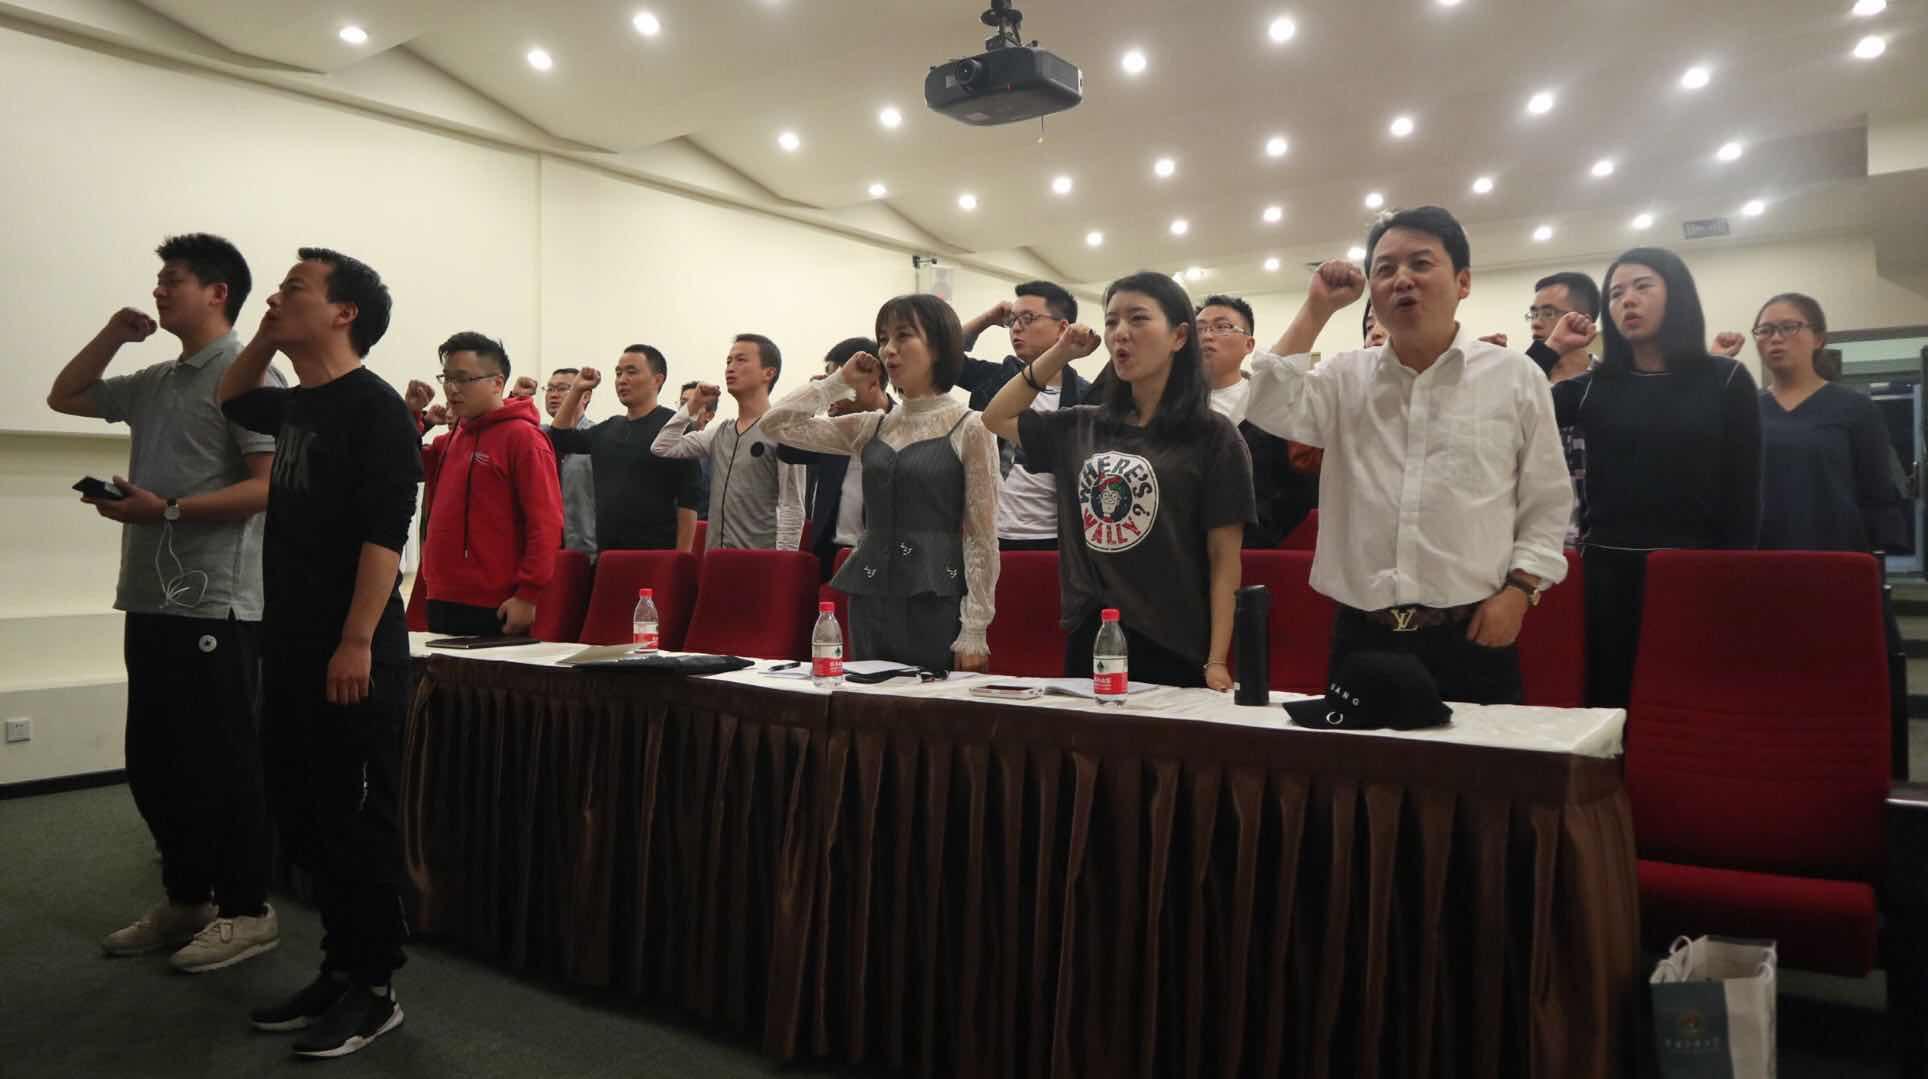 恩施州广电传媒从业人员中传培训班临时党支部在中国传媒大学开展四月支部主题党日活动